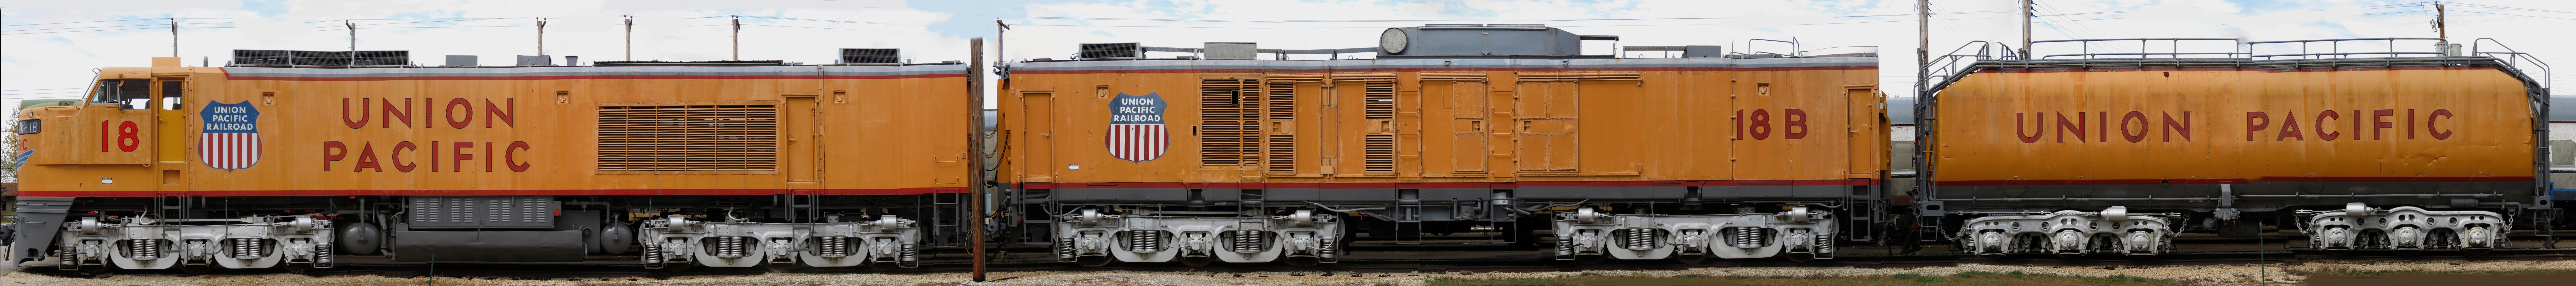 Union Pacific Gas Turbine Electric Lo otive